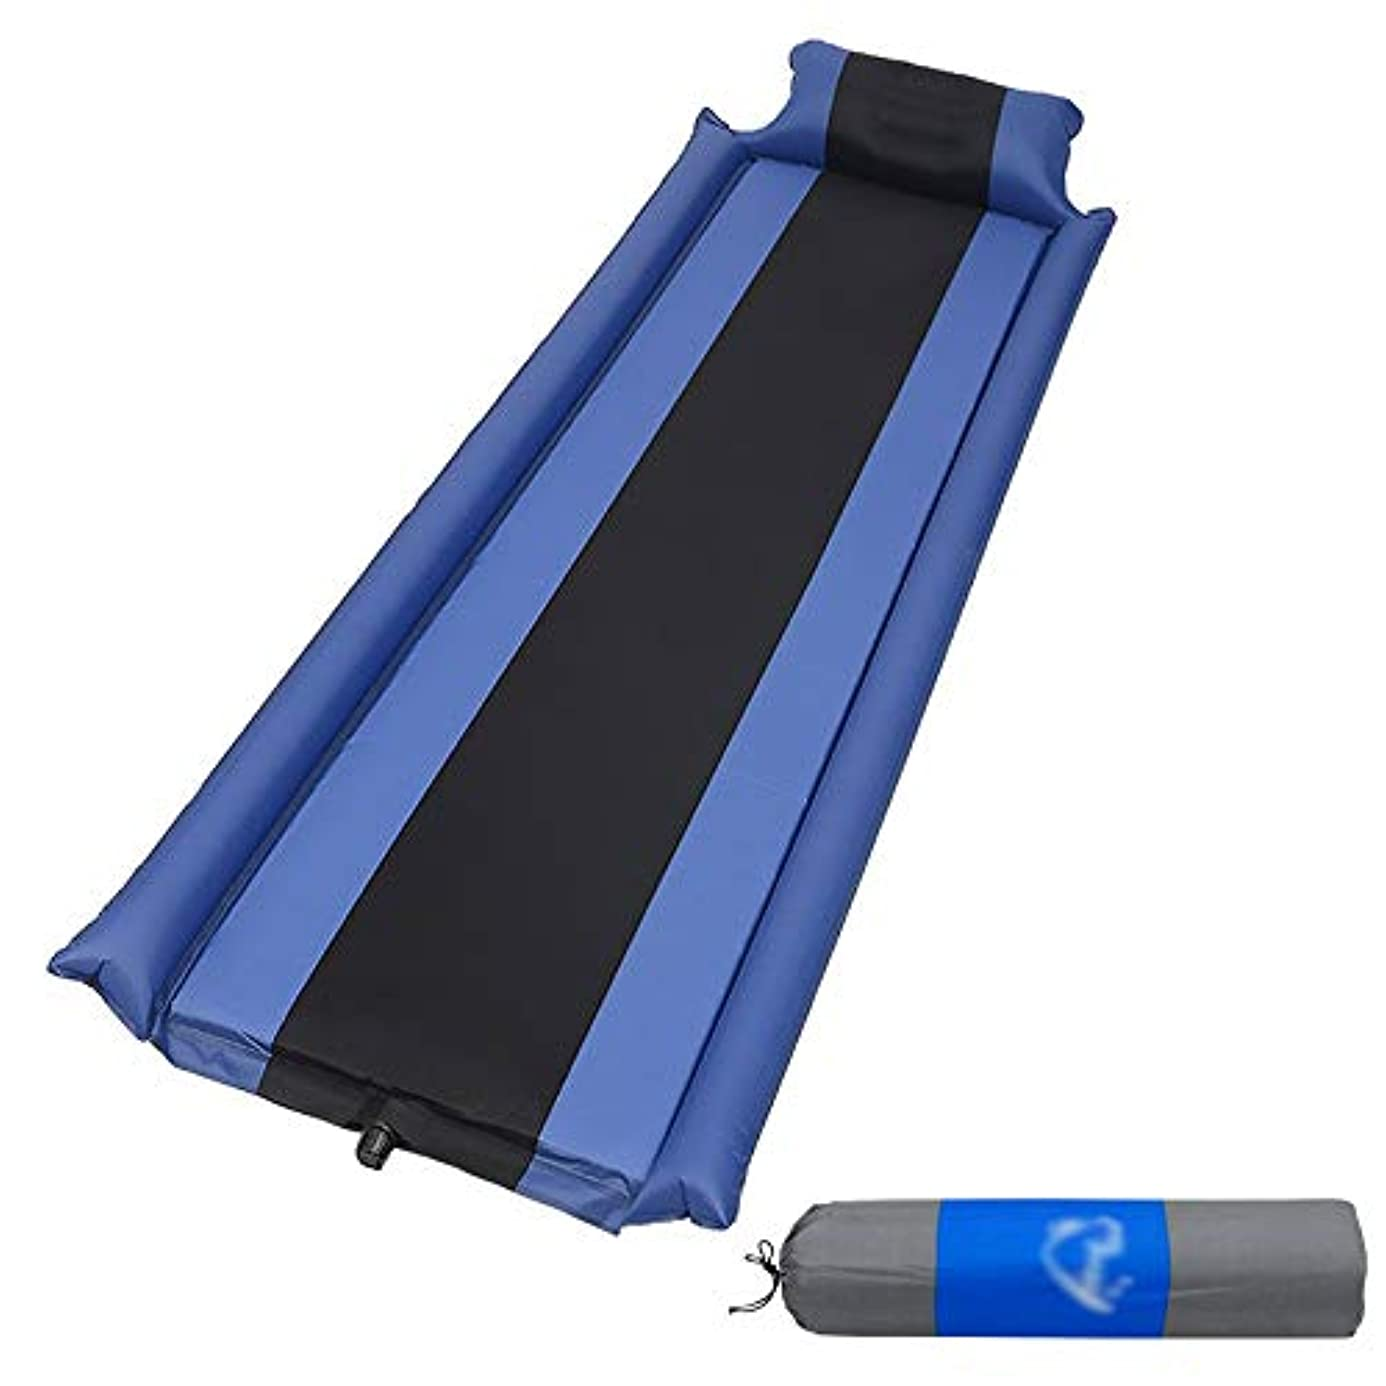 覚醒腰保守的自己膨脹式マットレスキャンプ枕携帯用膨脹可能な睡眠のマット、スポンジの空気マットのベッドのハイキングのバックパックのテントの寝袋 (Color : Blue)